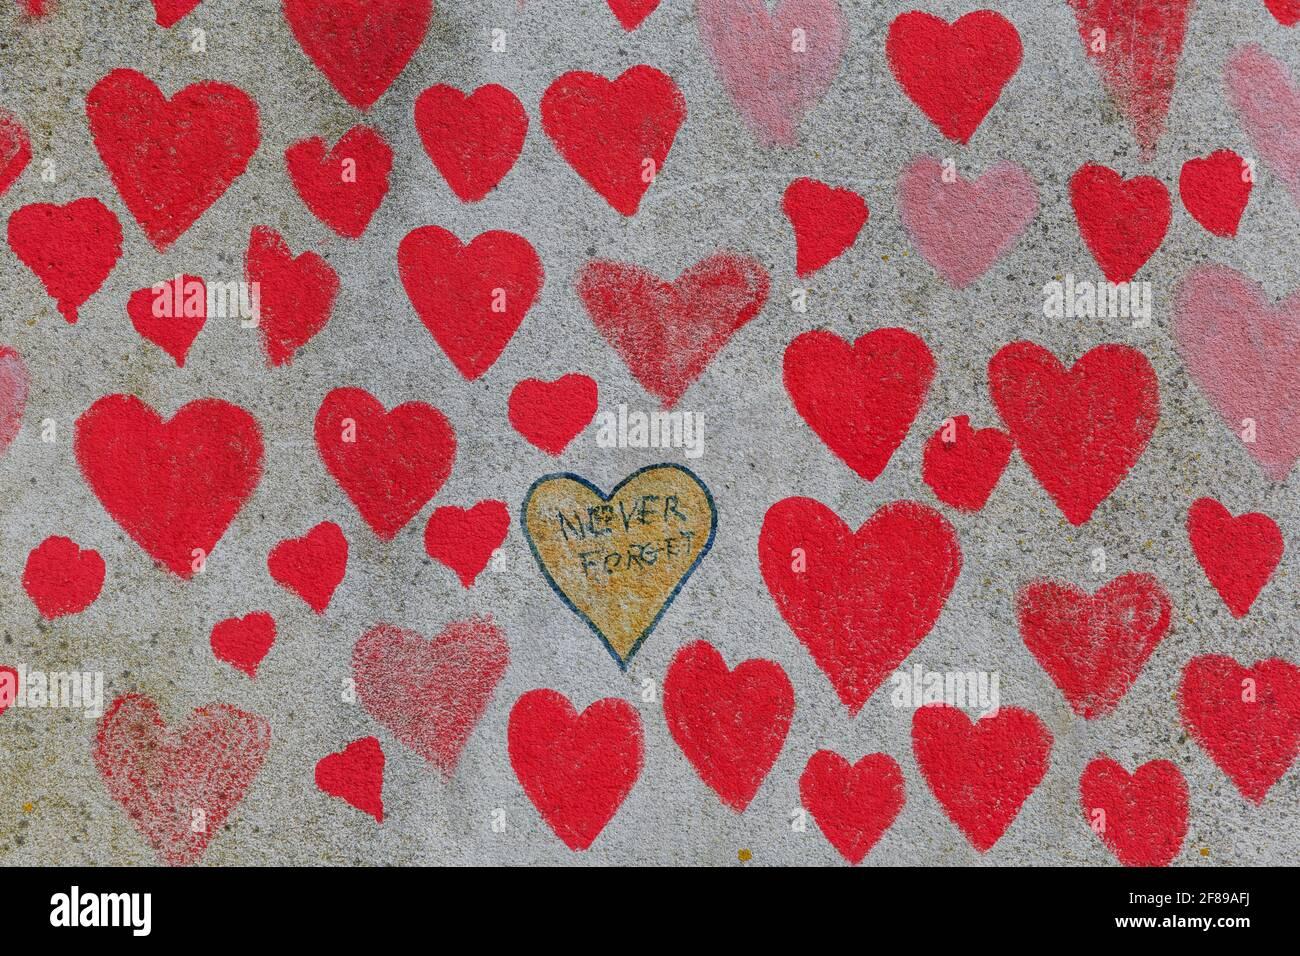 Coeurs rouges peints sur le mur commémoratif national de Covid comme Un hommage aux victimes britanniques de la pandémie du coronavirus Banque D'Images